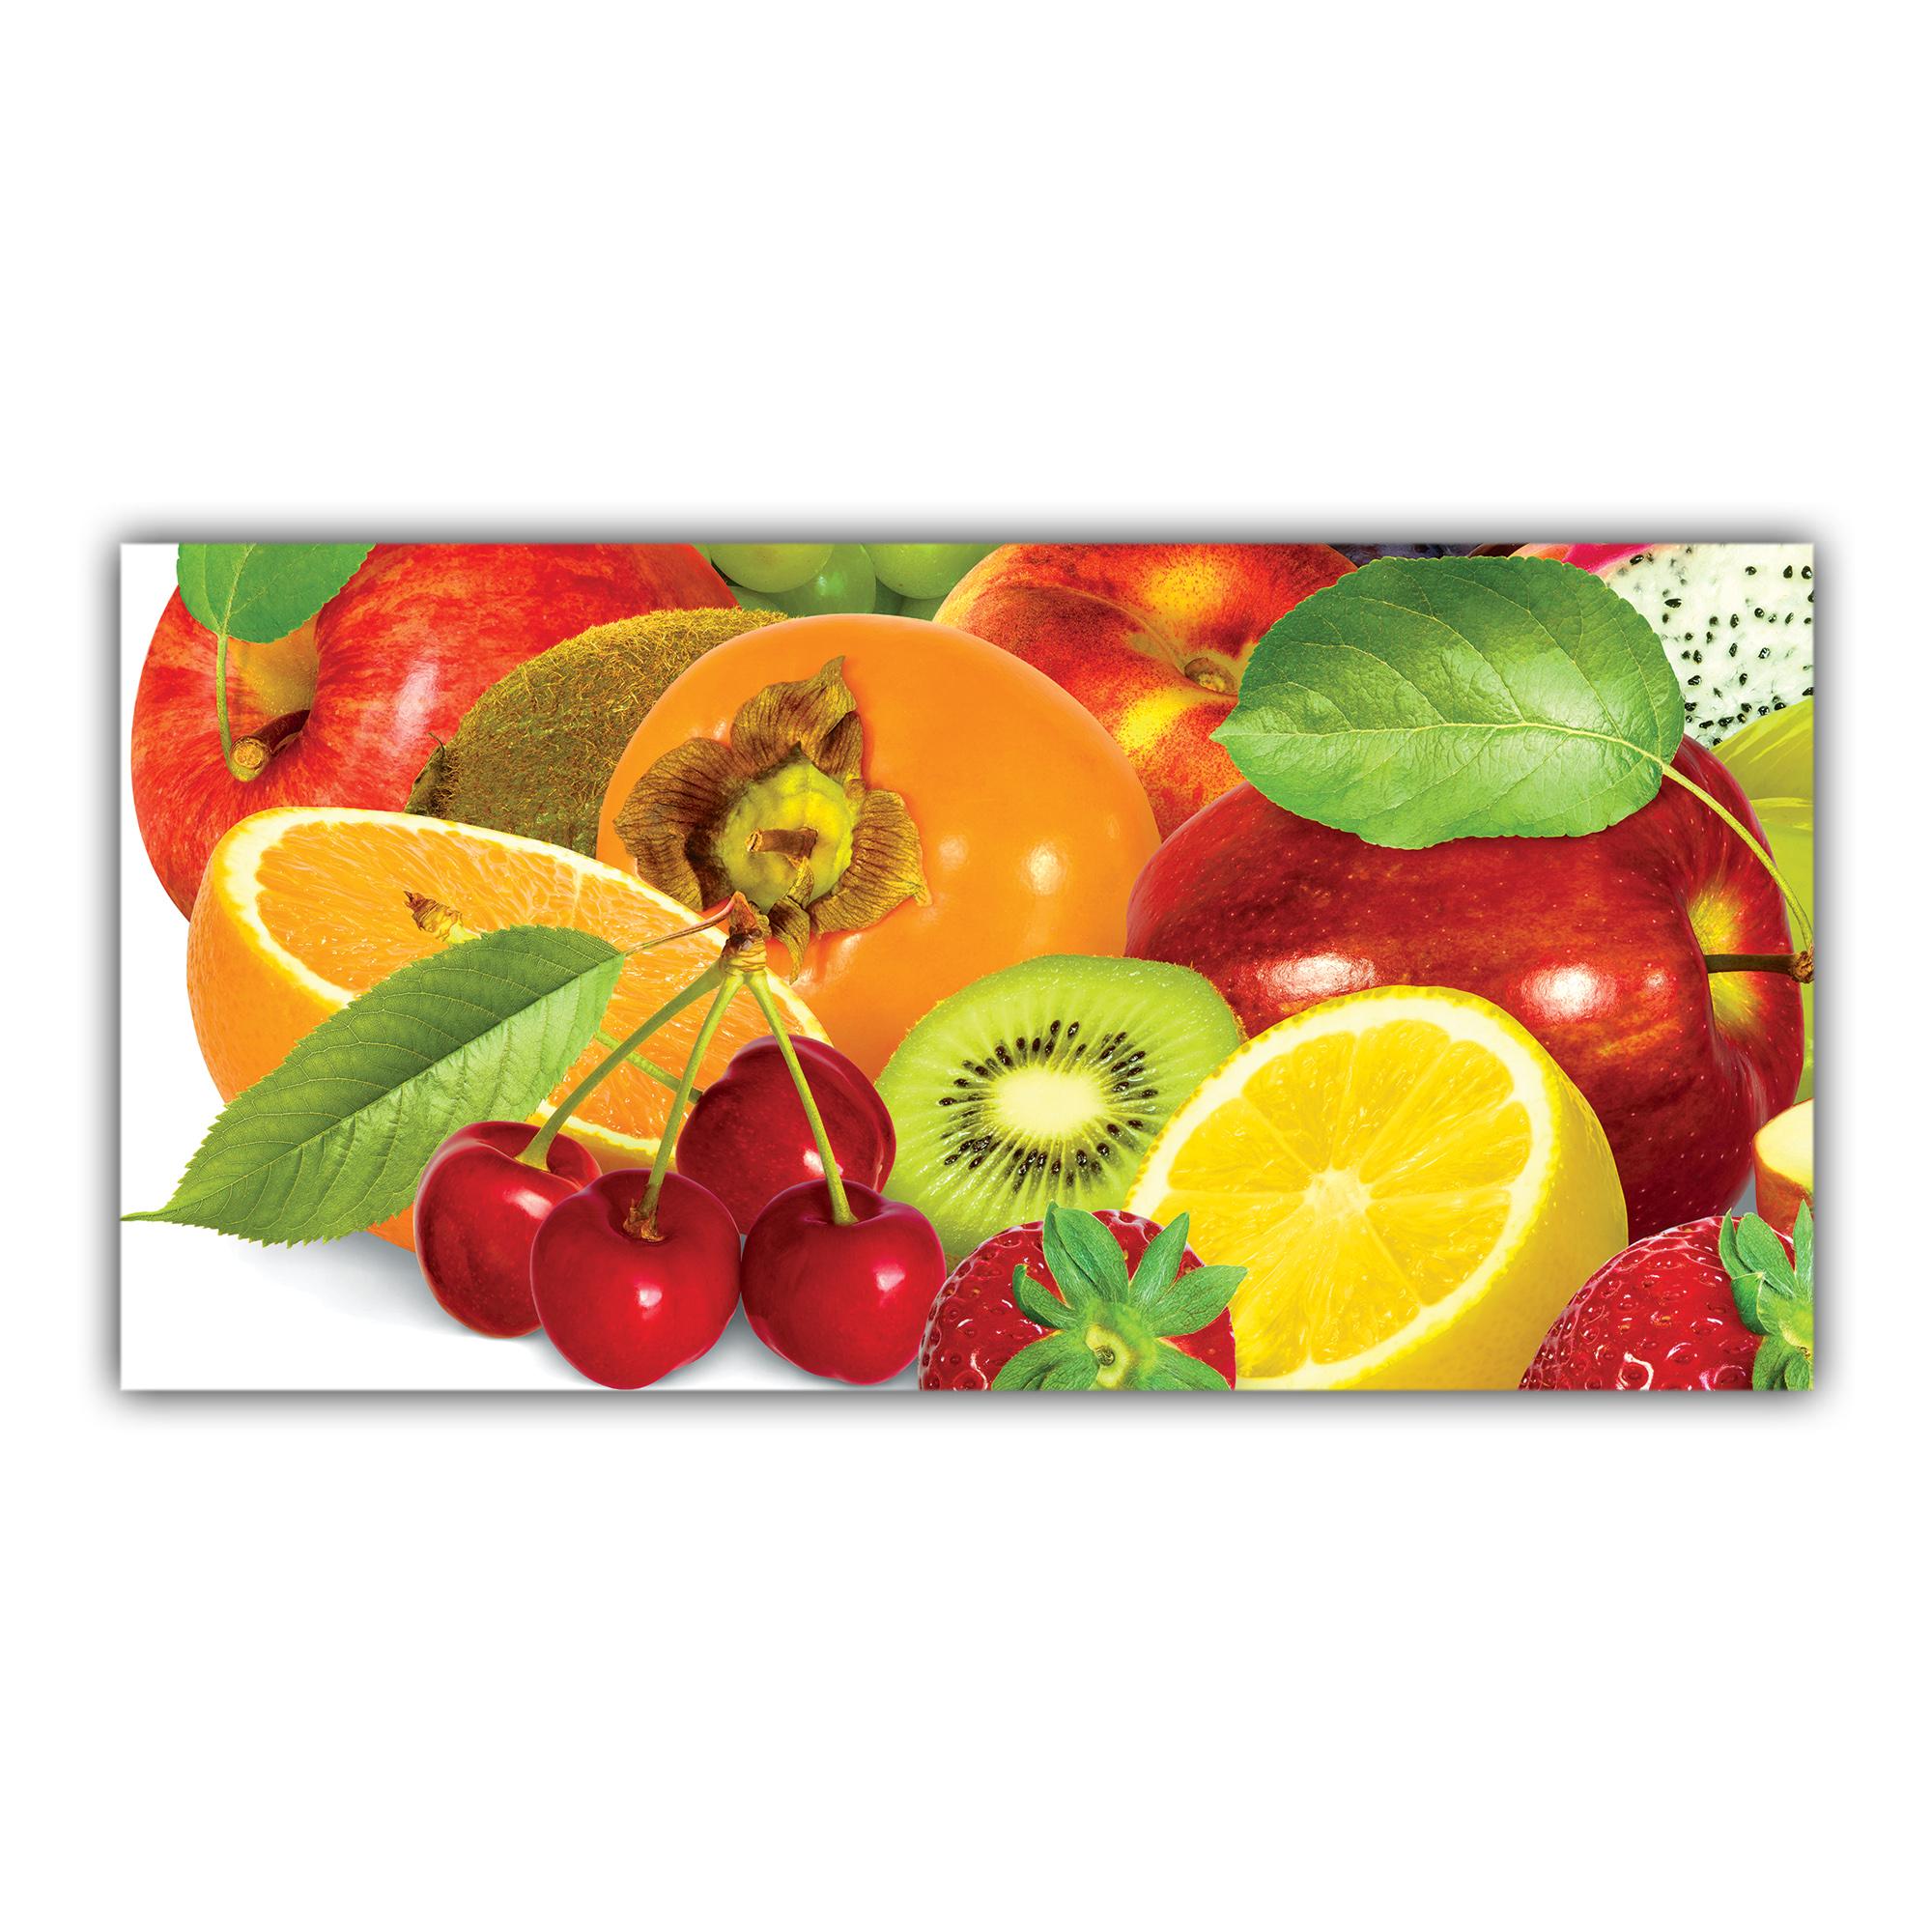 Baies Fraises Mûres Raisins Pommes Oranges Citron Kiwi